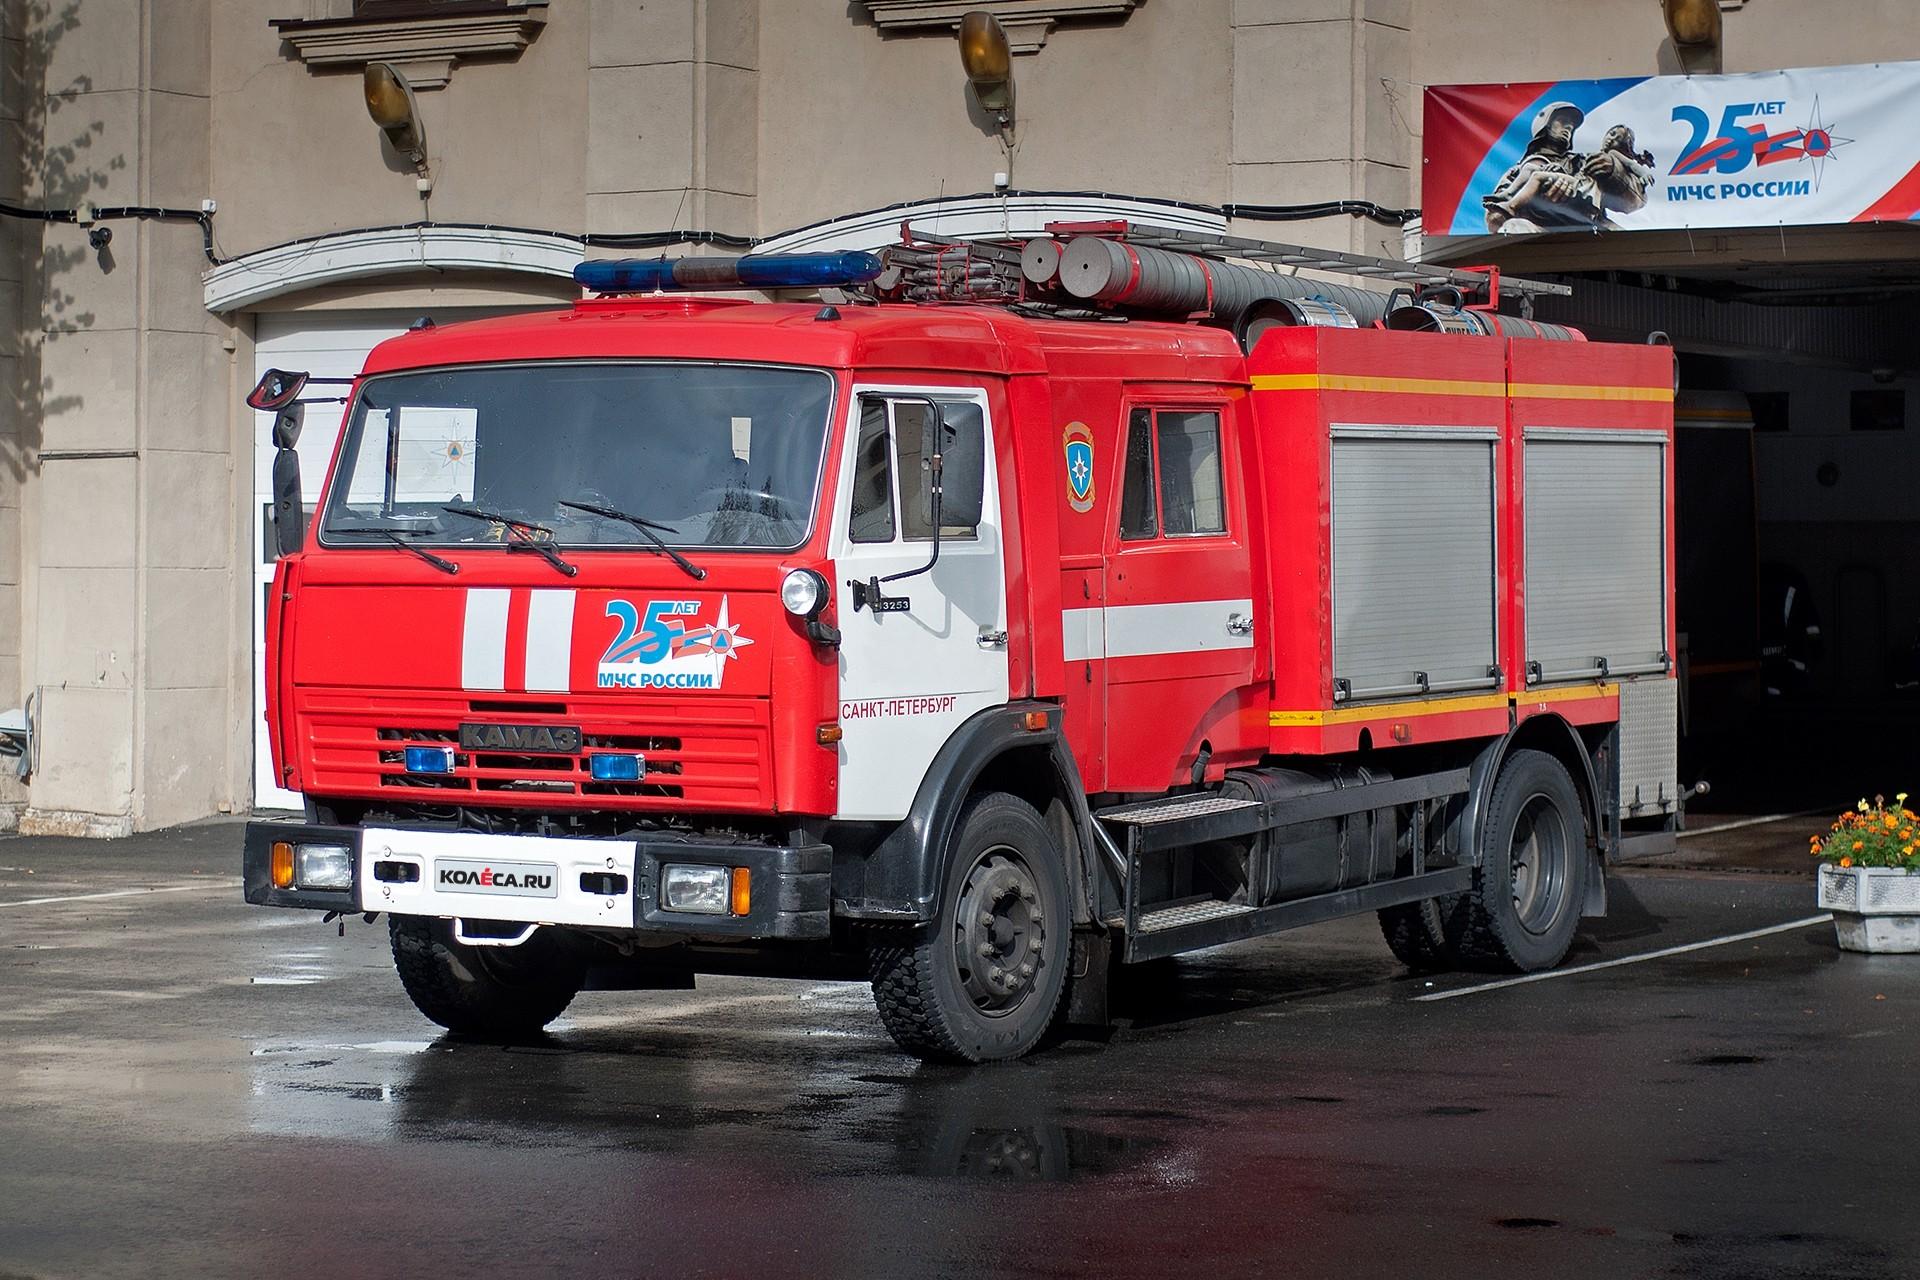 пожарный водозащитный автомобиль фото оговорюсь договор